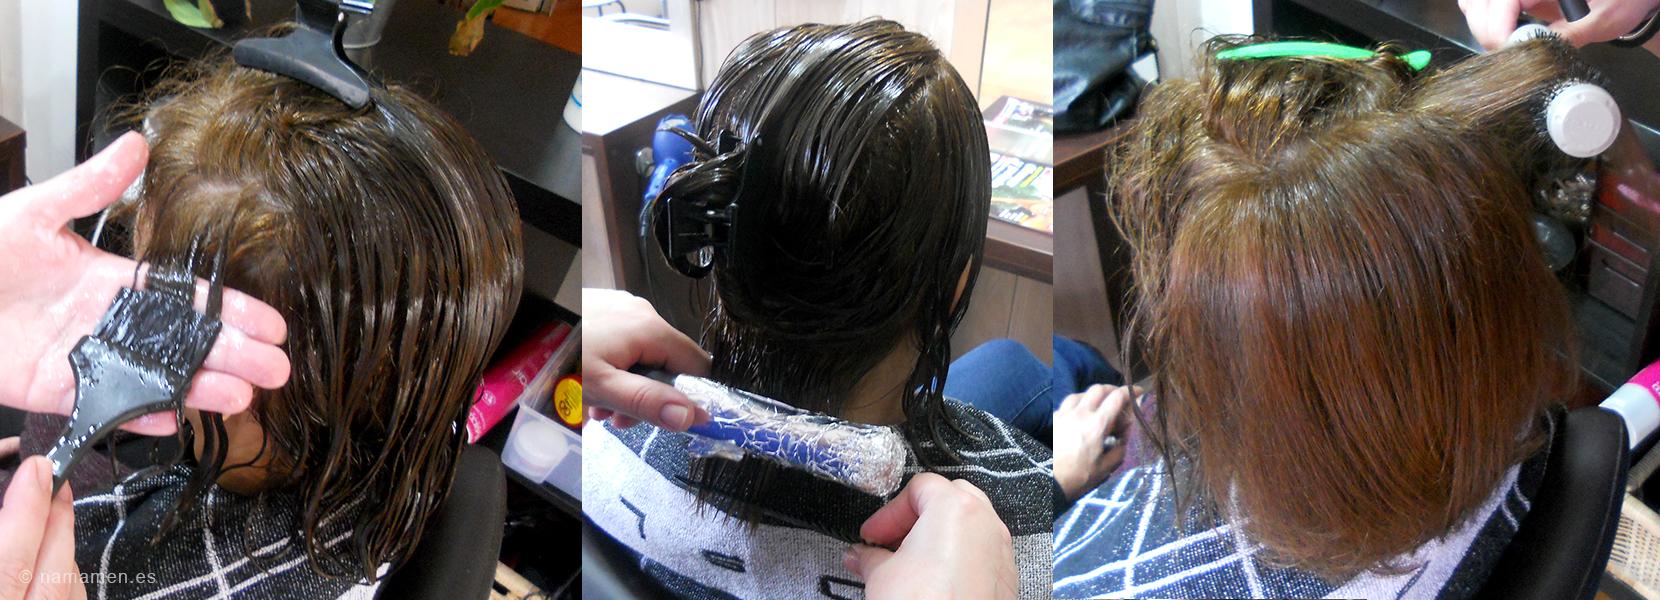 La máscara para los cabellos el aceite el huevo el coñac